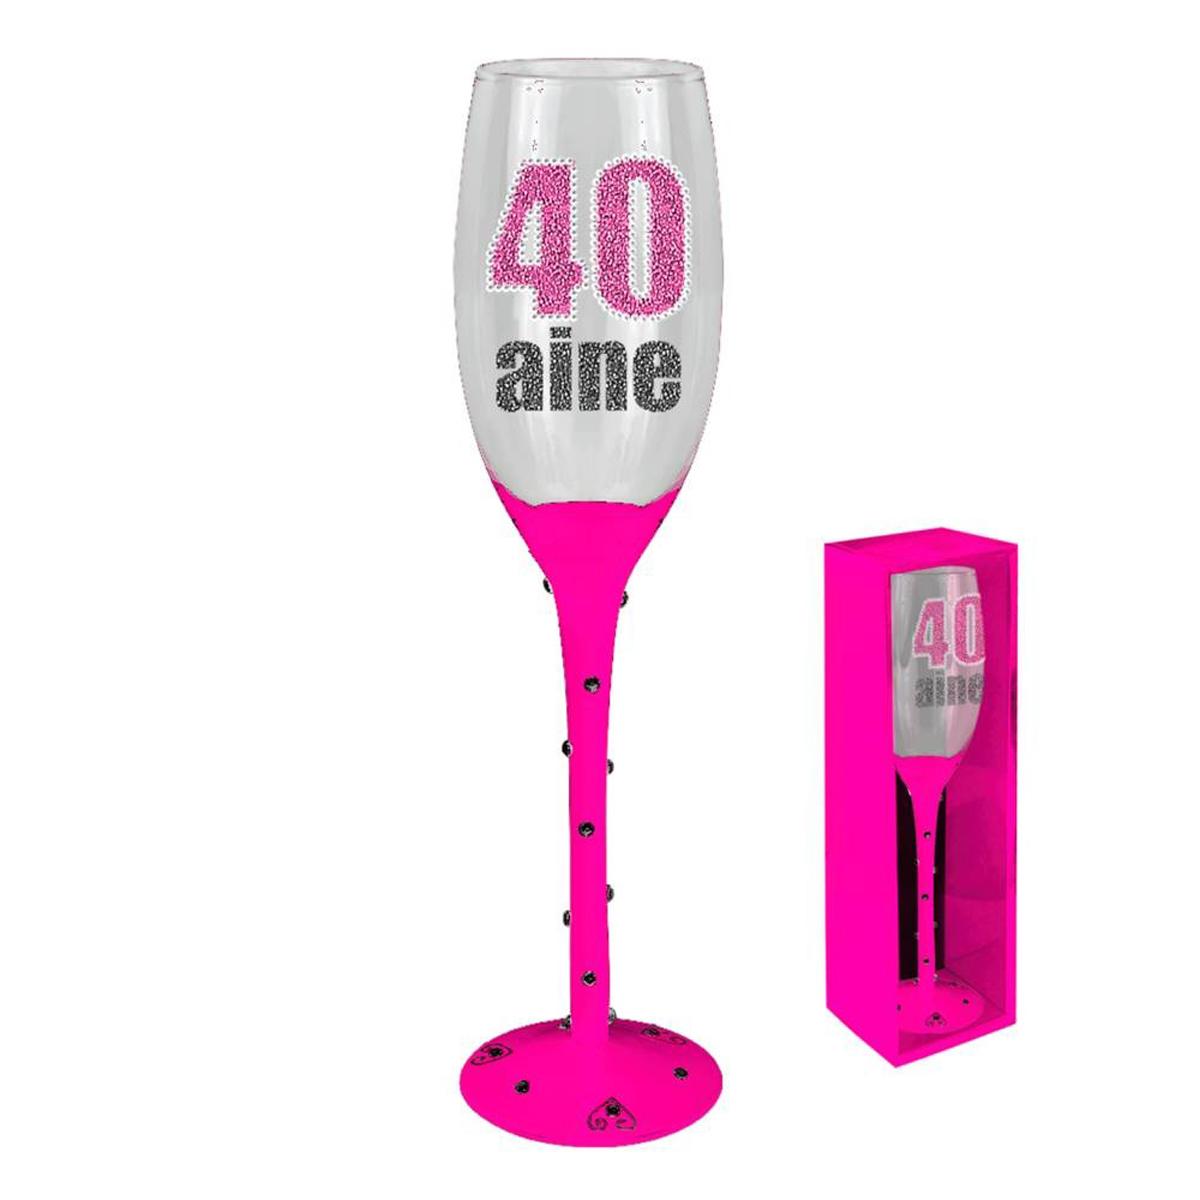 Coupe flute à champagne \'40 ans\' rose - 24 cm - [N4101]